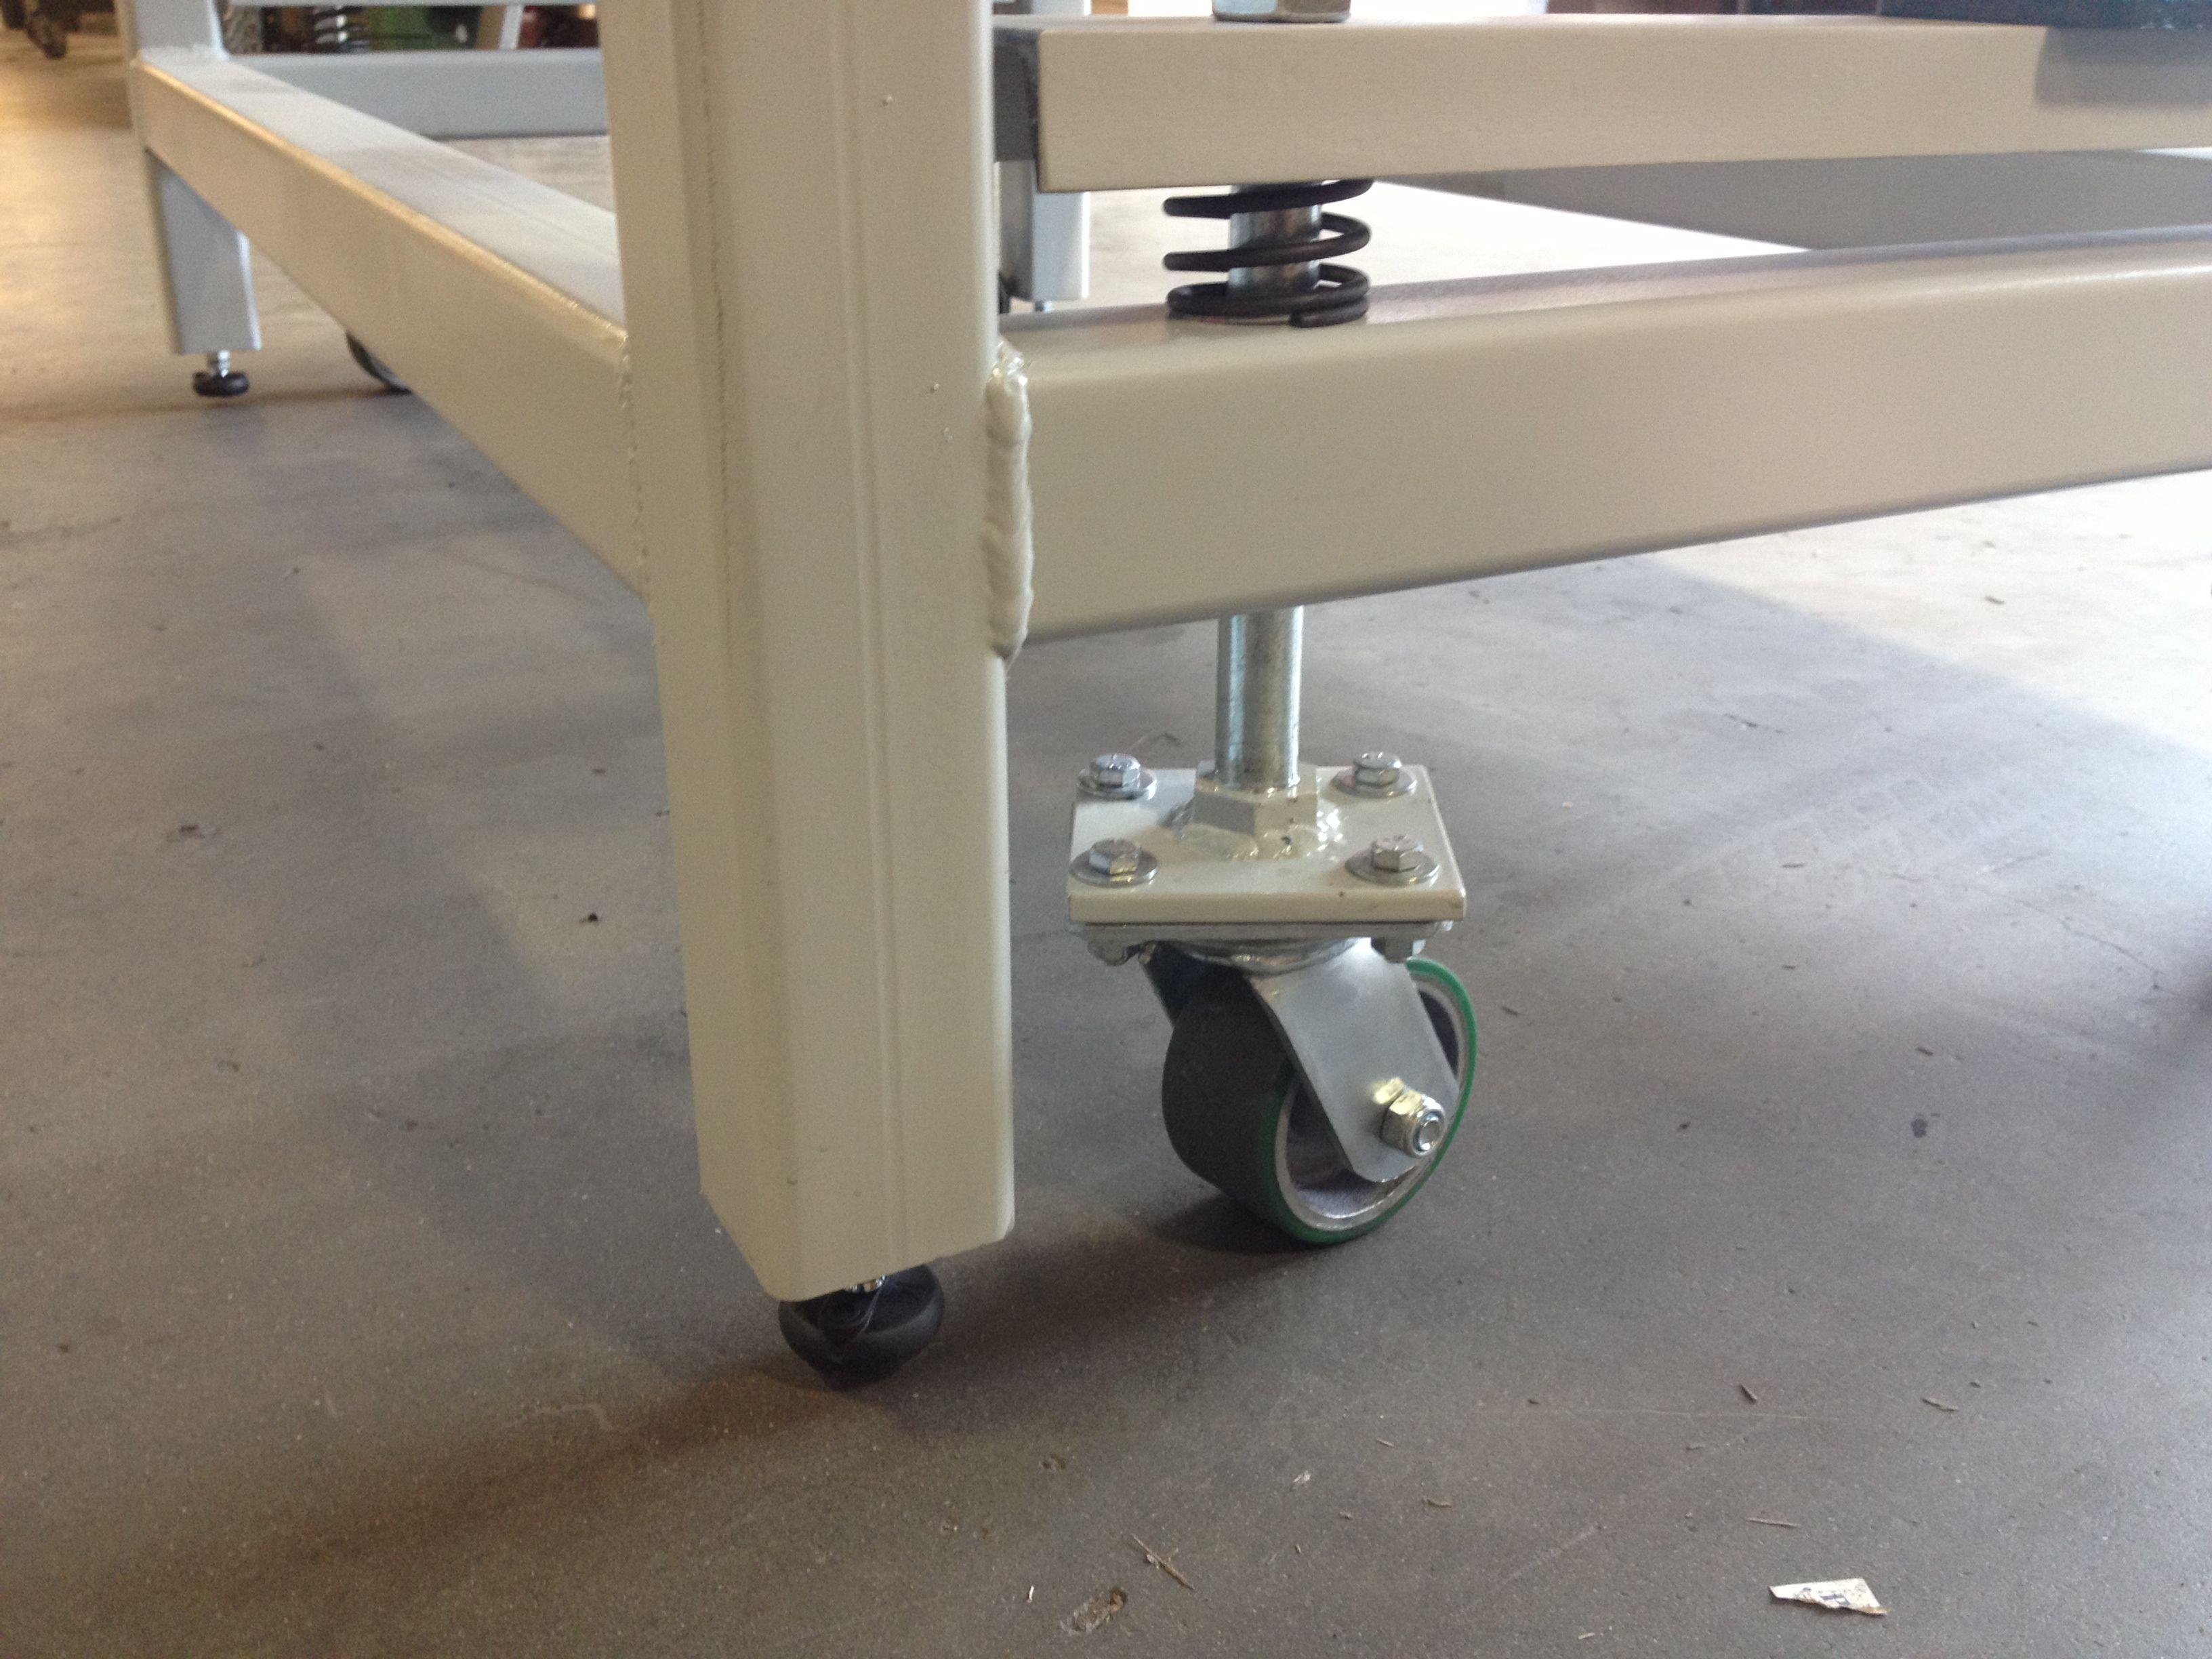 Heavy duty work bench with retractable wheels | Matt|in ...